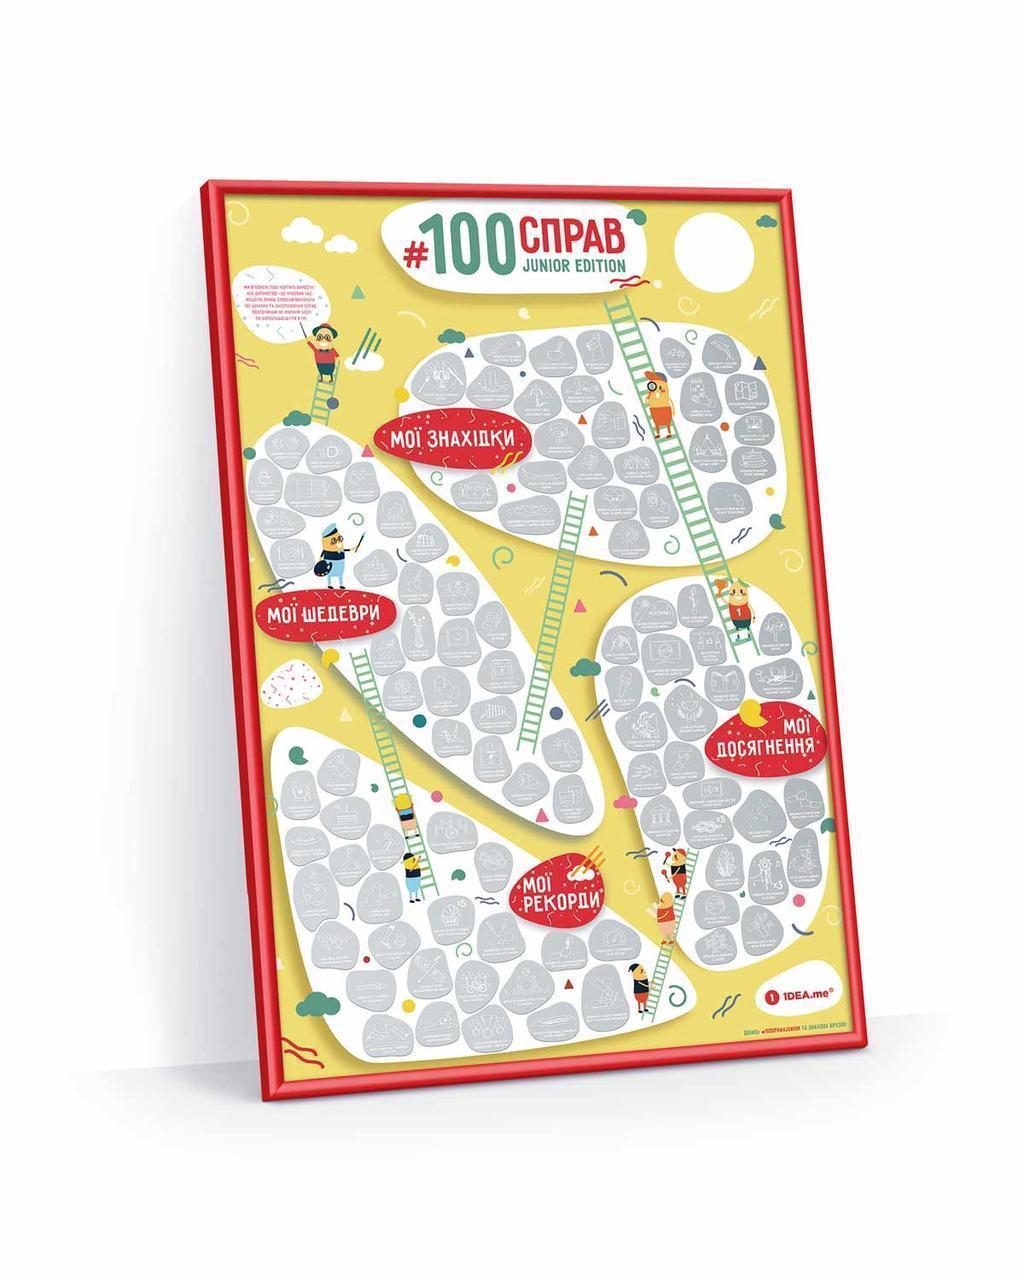 Скретч - постер # 100 ДЕЛ Junior edition на украинском | карта желаний для ребенка | оригинальный подарок